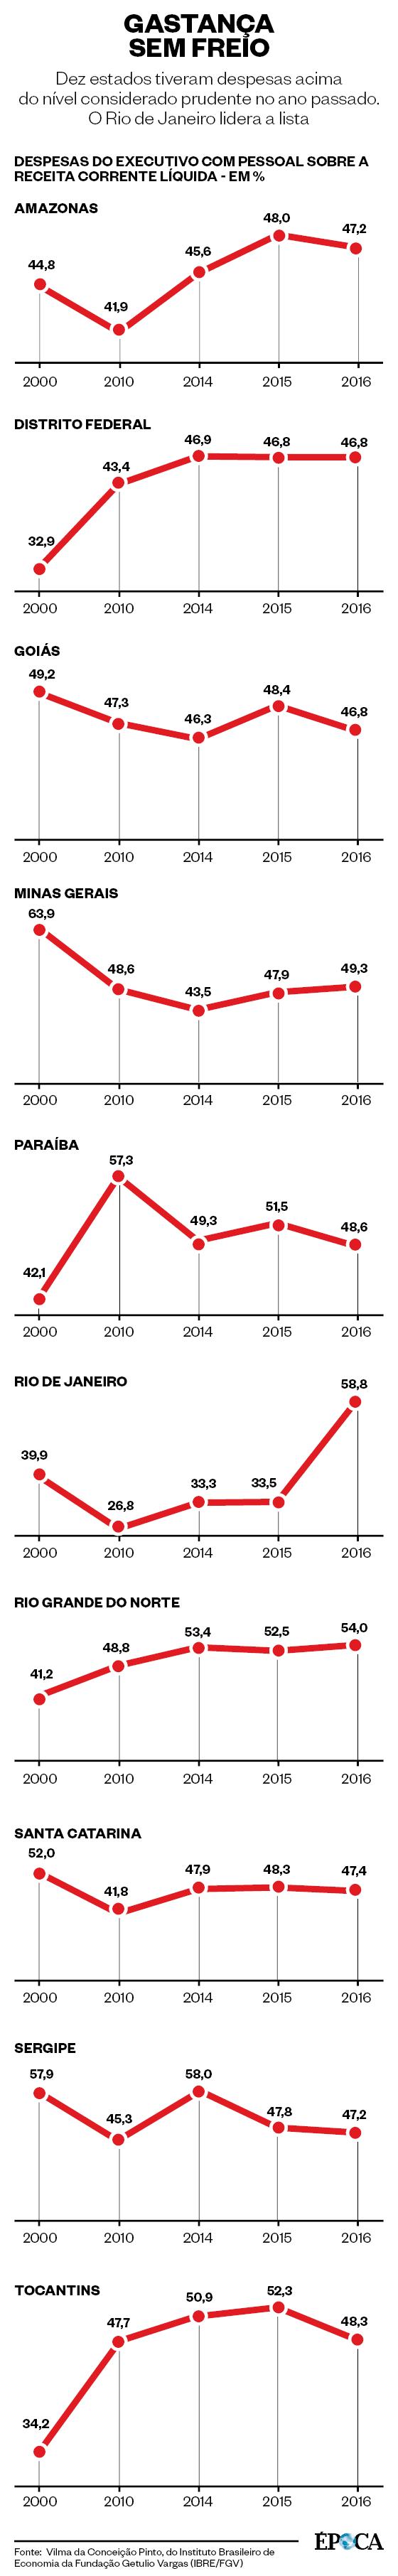 Gastos dos estados com pessoal (Foto: Infografia ÉPOCA)